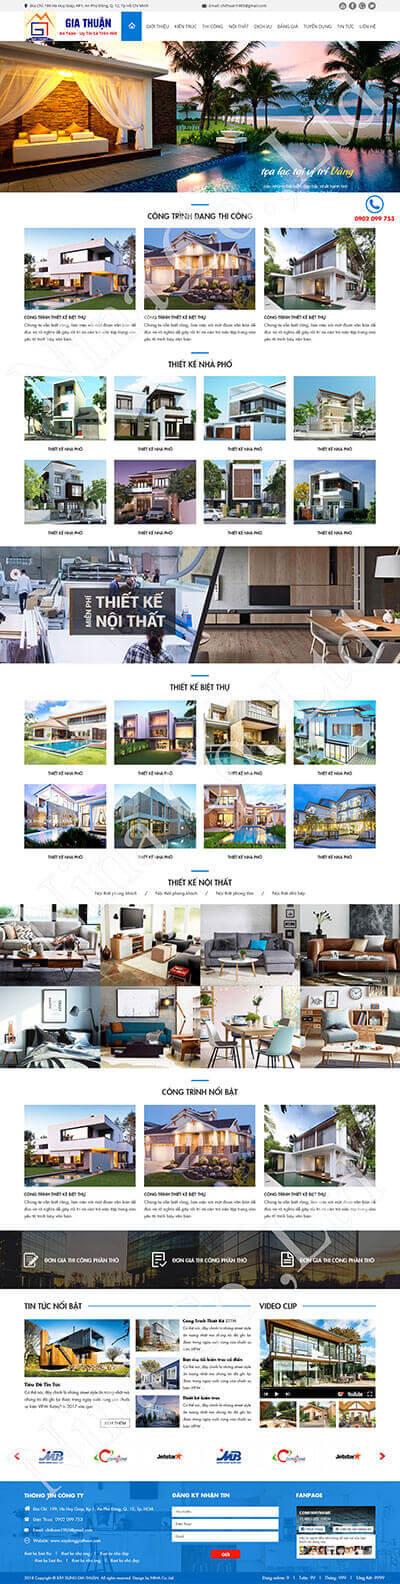 Thiết kế và xây dựng Gia Thuận